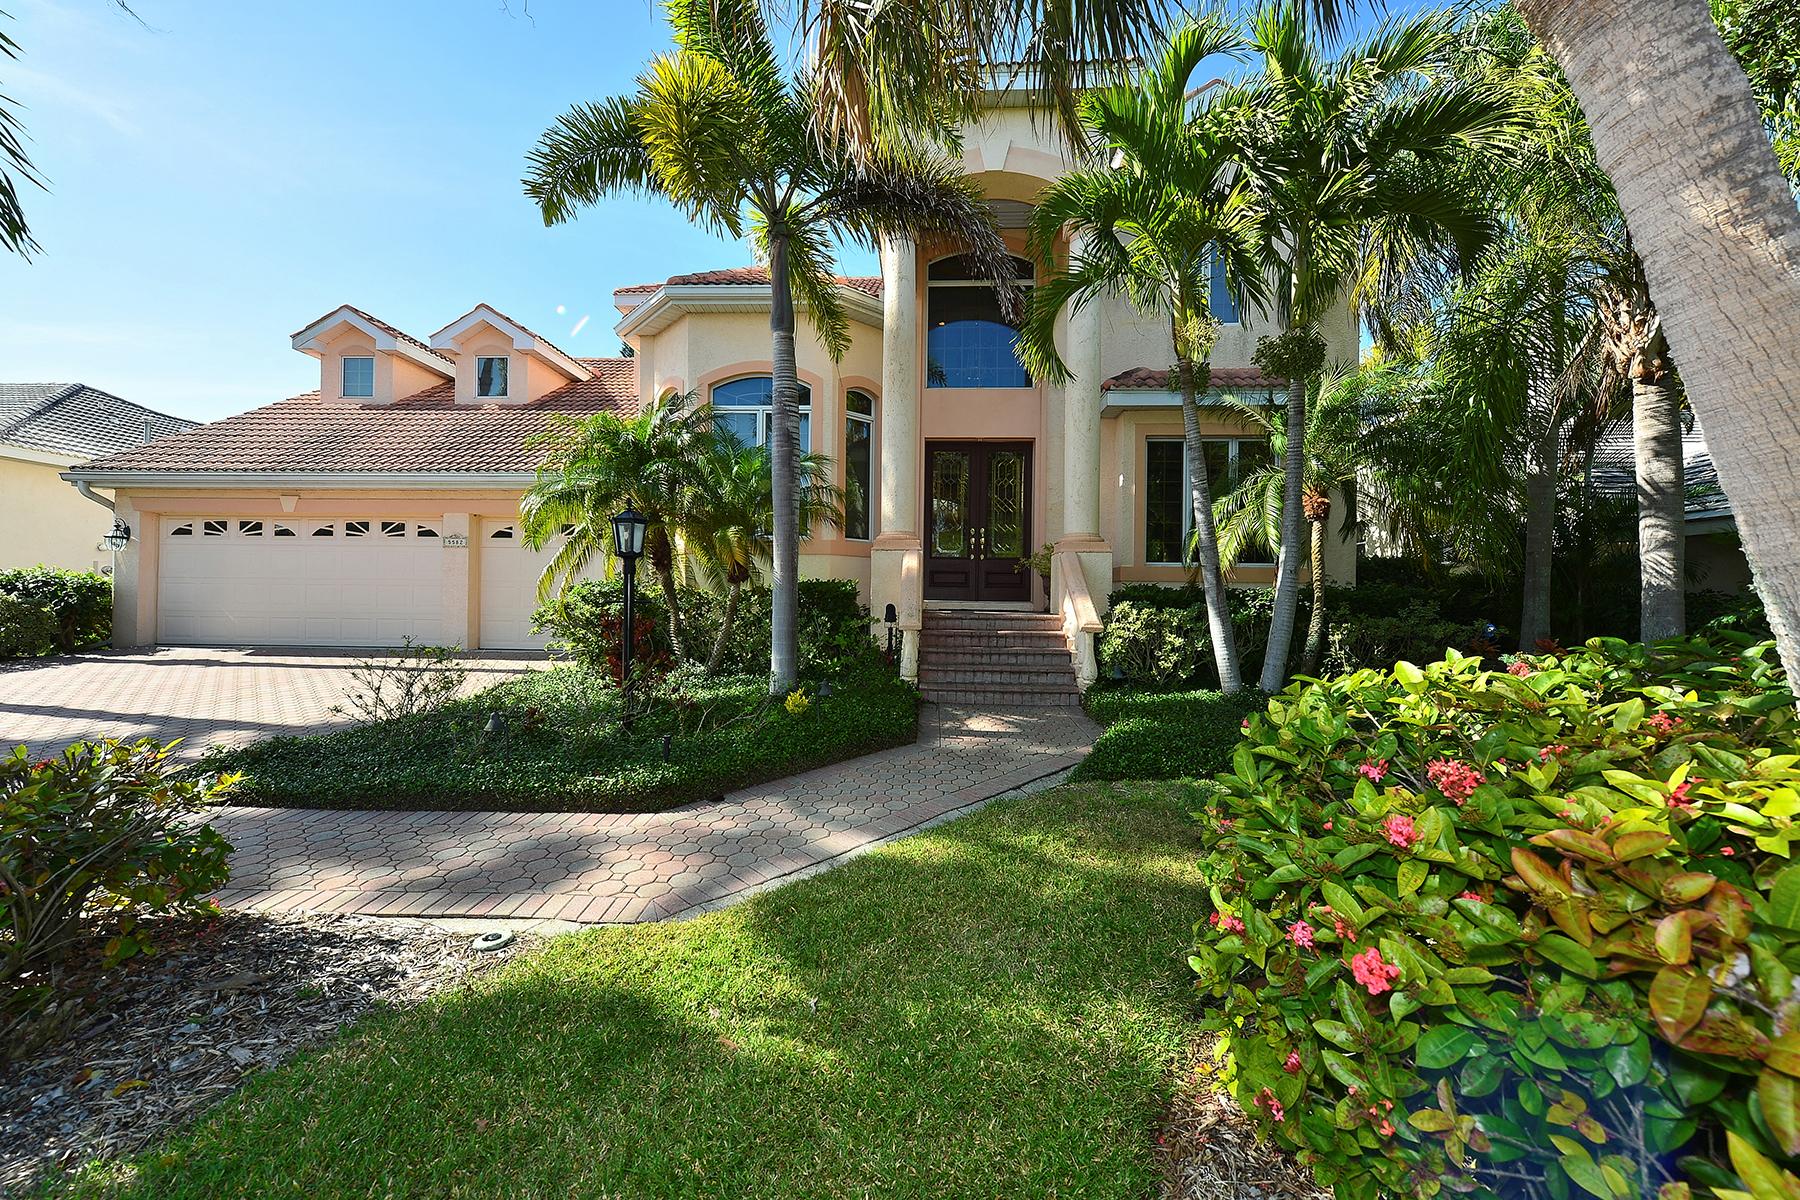 Single Family Home for Sale at SIESTA ESTATES 5582 Siesta Estates Ct, Sarasota, Florida 34242 United States